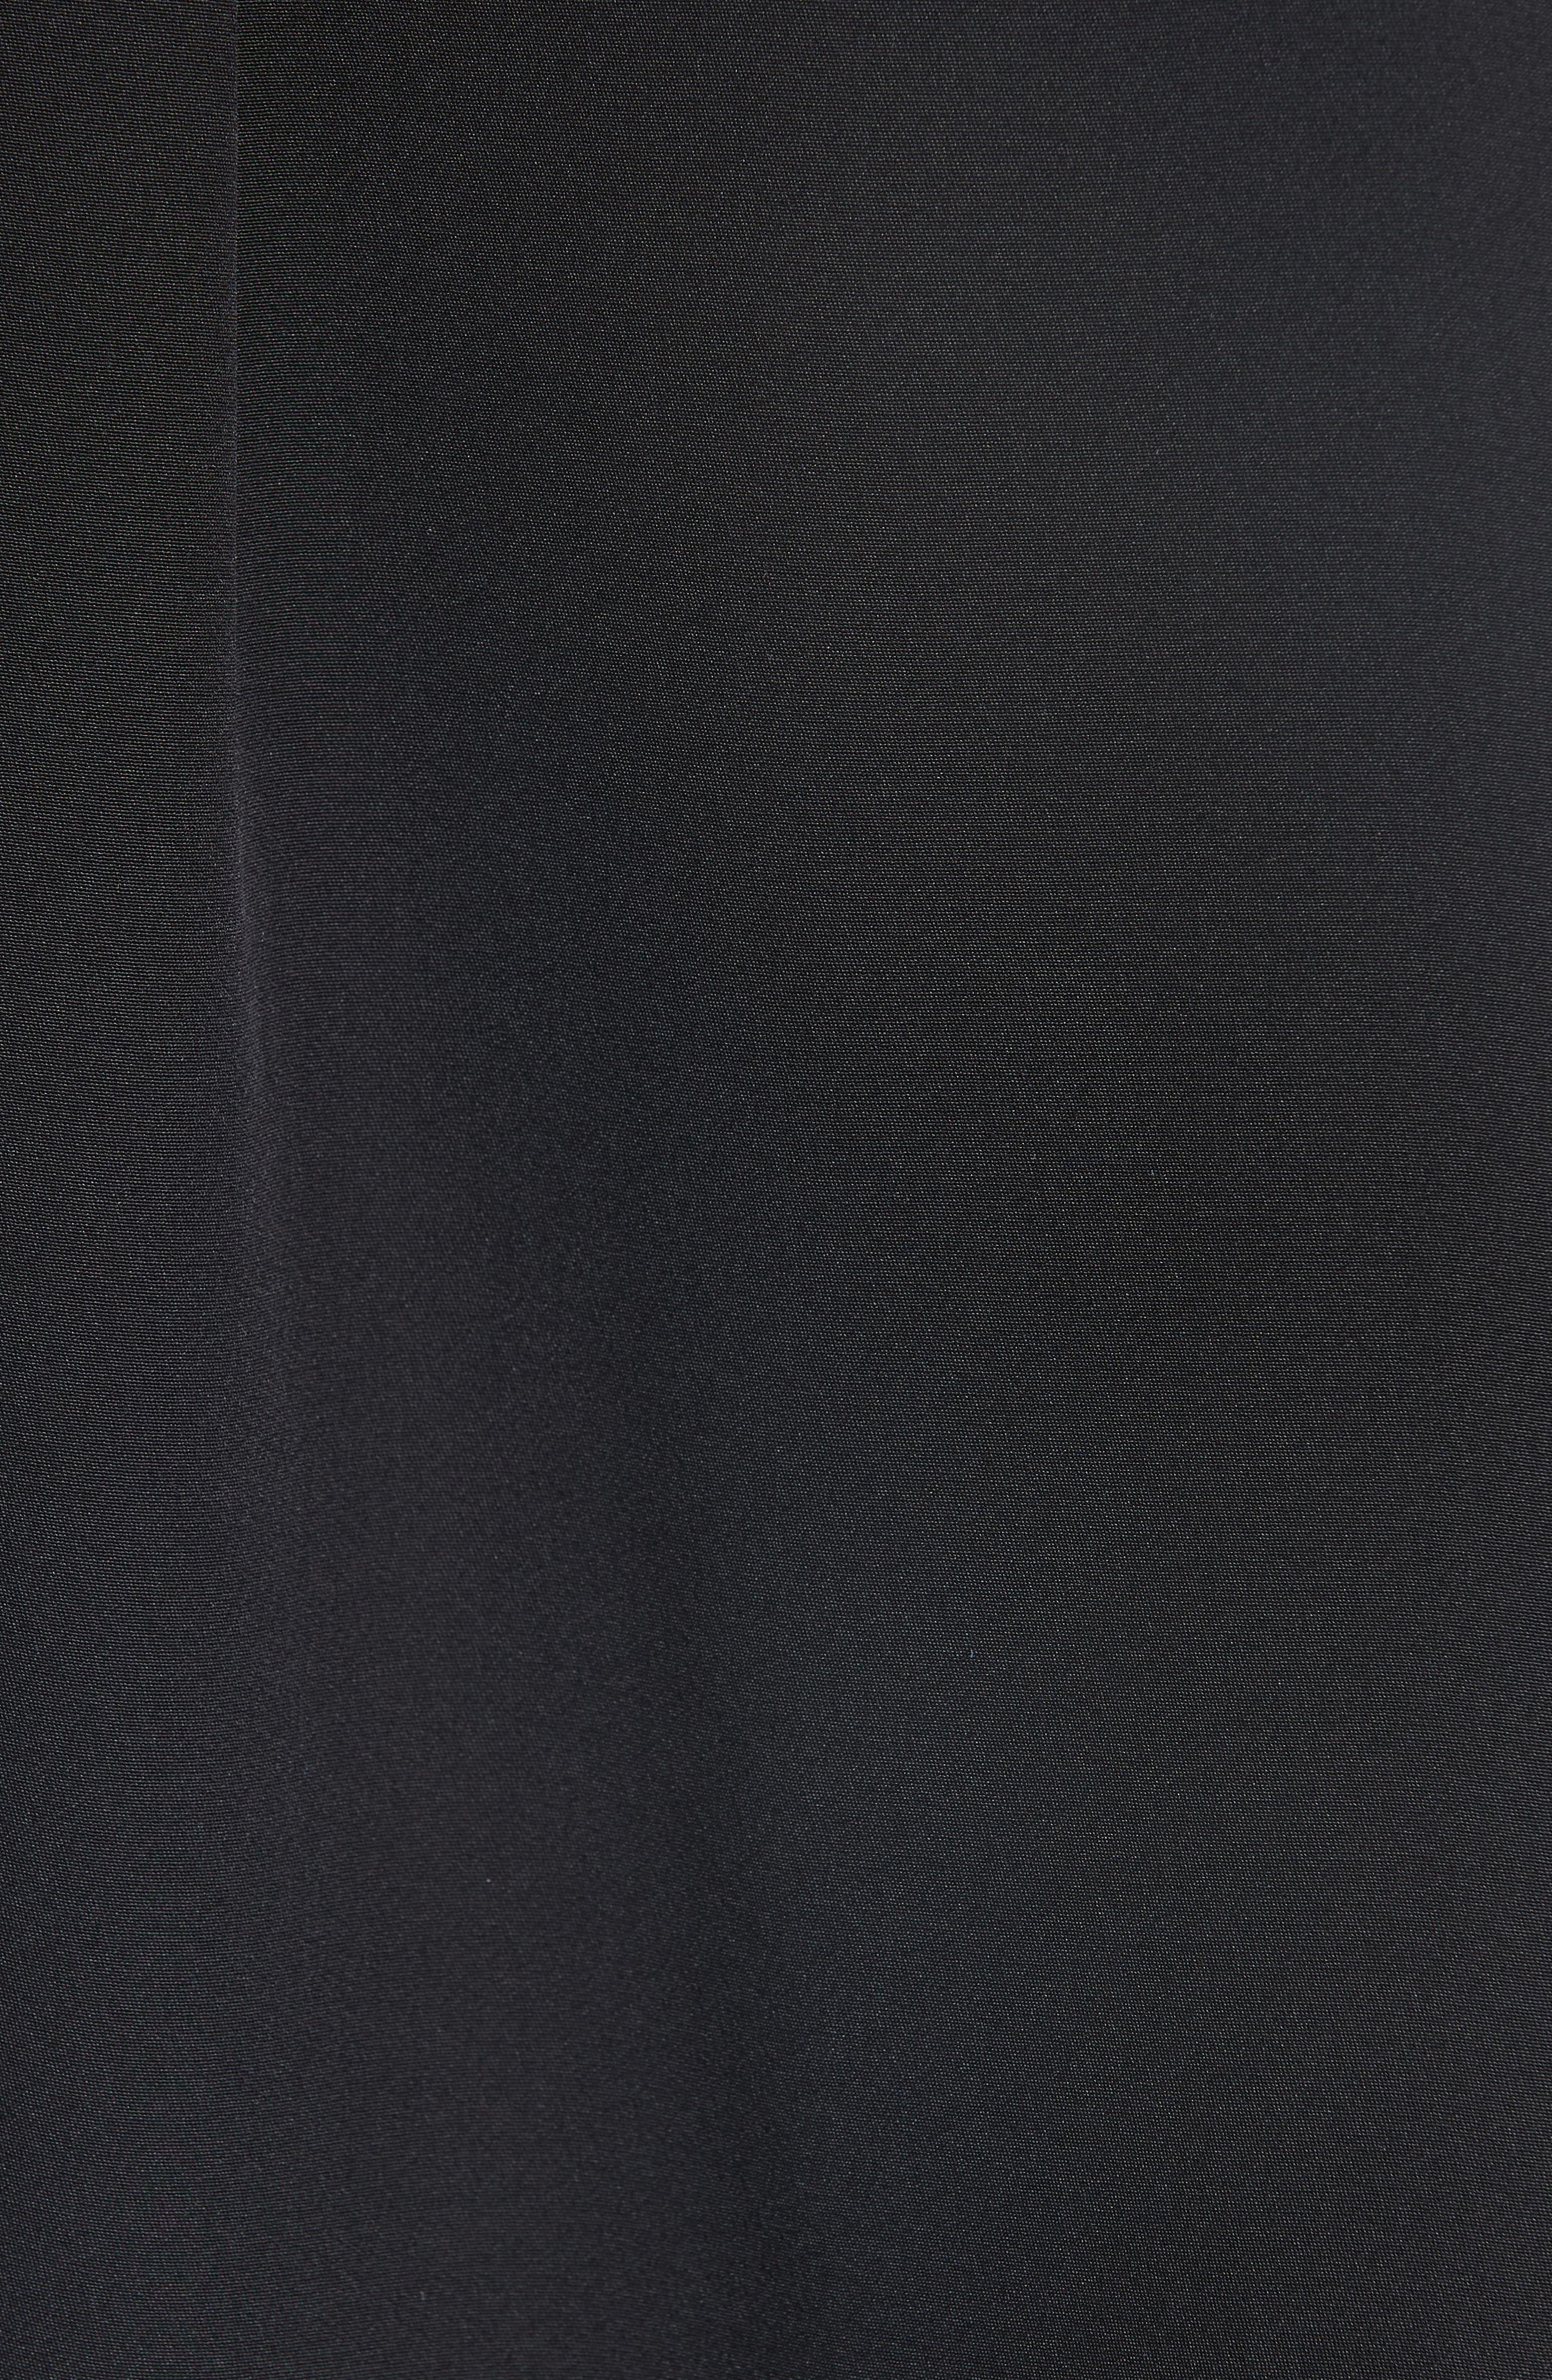 CALVIN KLEIN 205W39NYC, Satin Tie Neck Silk Blouse, Alternate thumbnail 6, color, BLACK